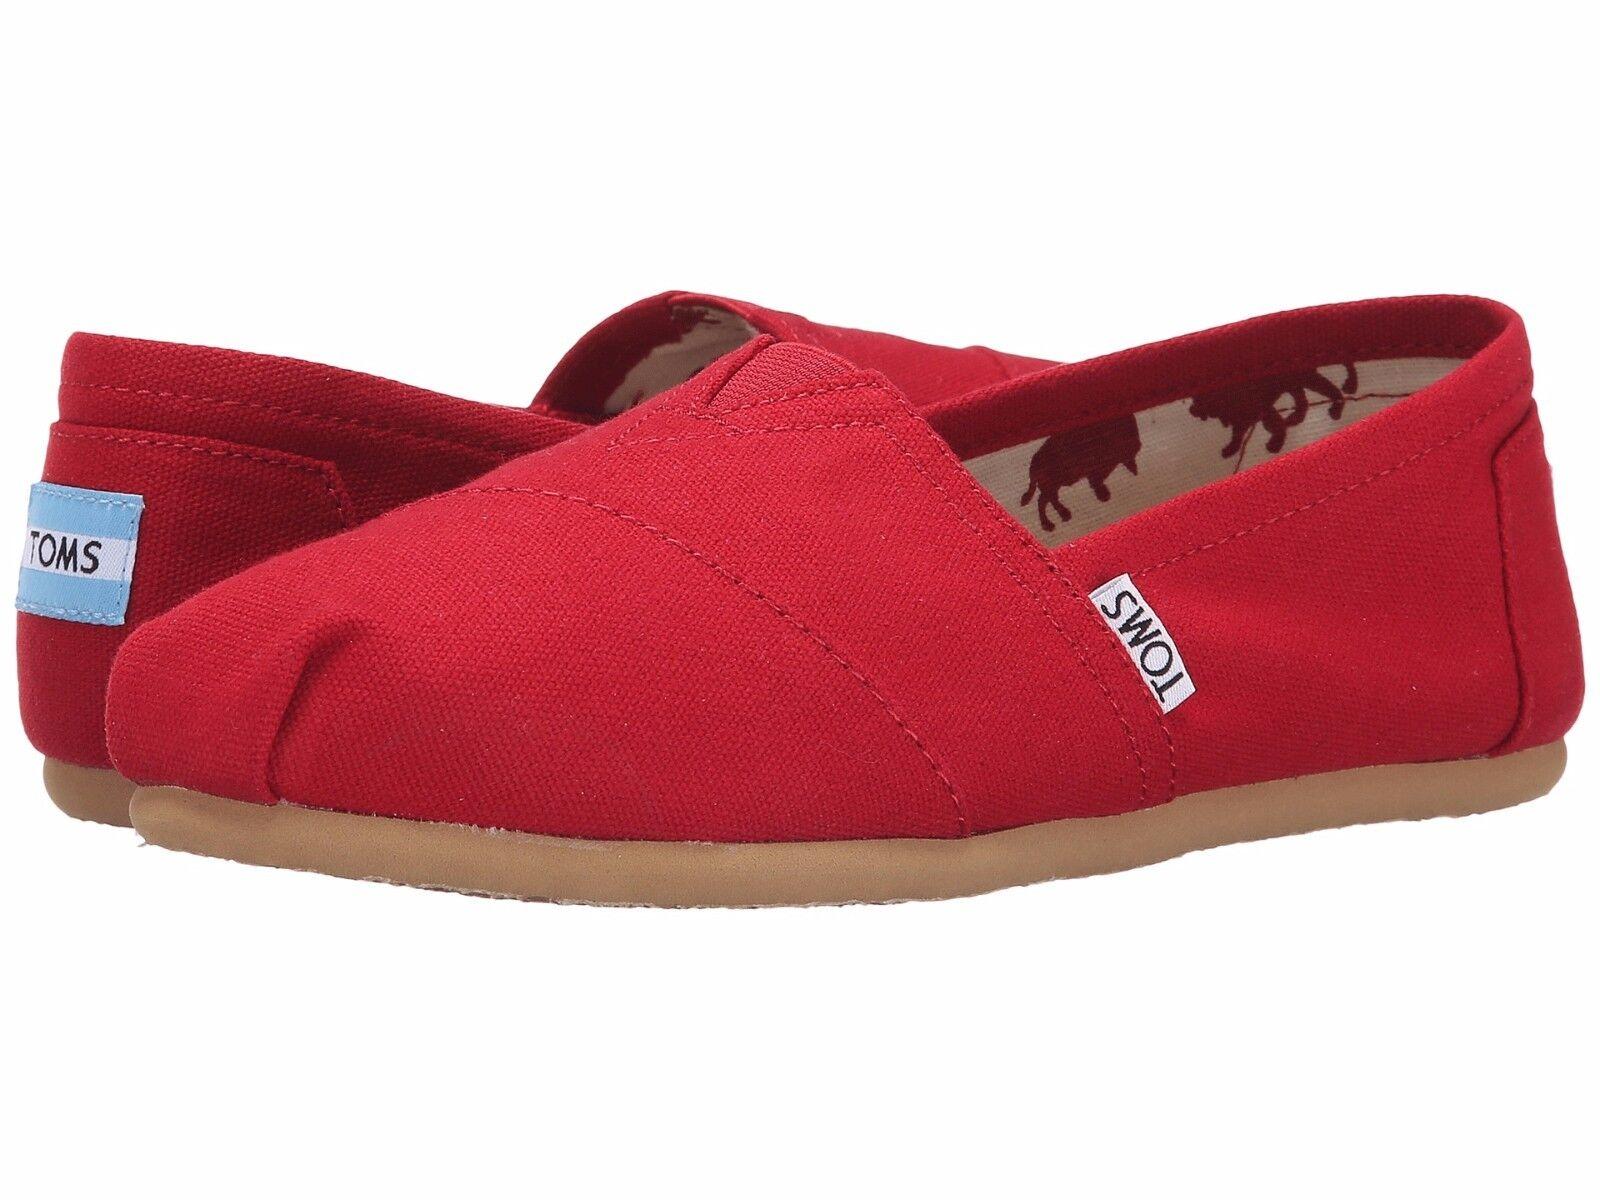 Women Toms Classics Red Canvas Original Classic 001001b07 12  a3779884baa1